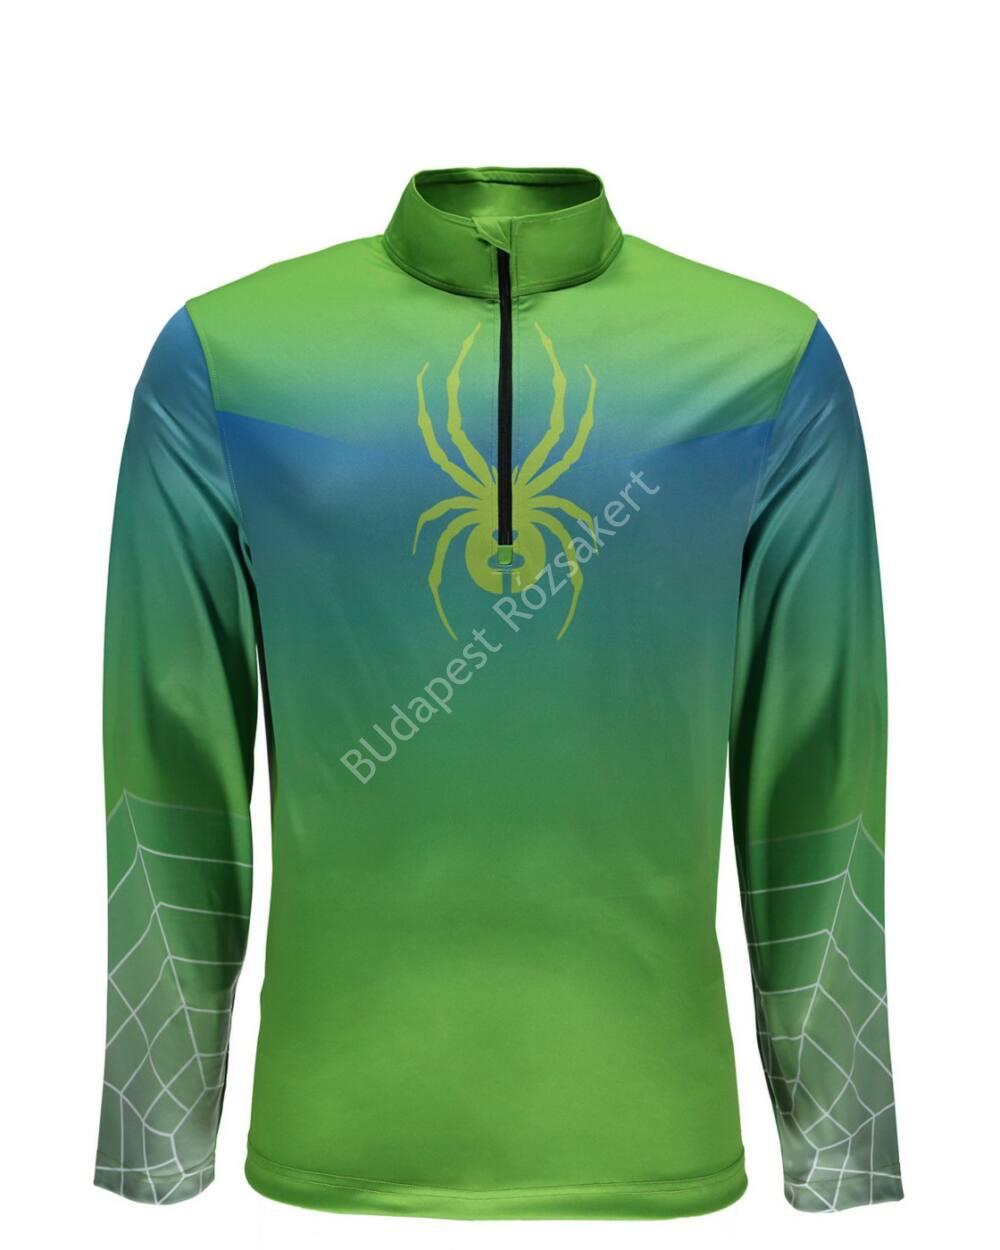 6e5c14be46 Spyder Limitless 1/4 zip DryWeb férfi aláöltözet felső, zöld-kék - a ...